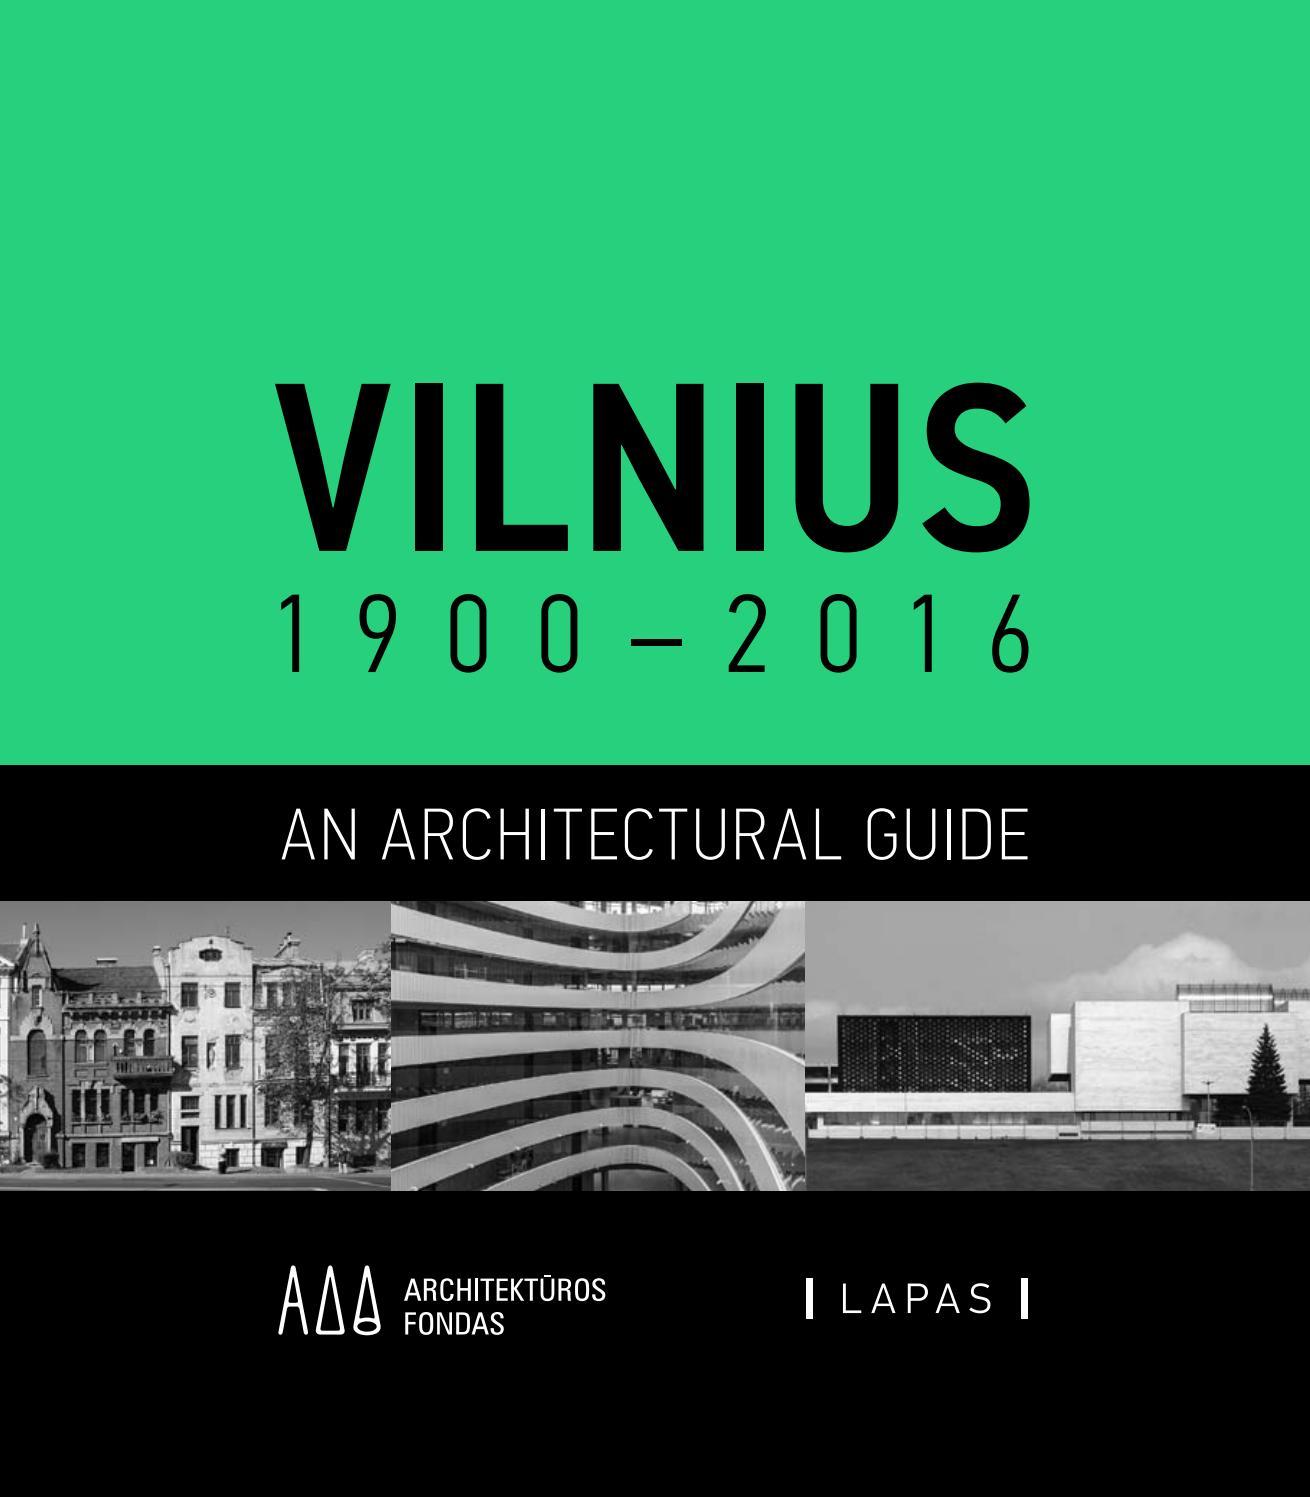 Vilnius 1900 2016 An Architectural Guide by LAPAS publishing